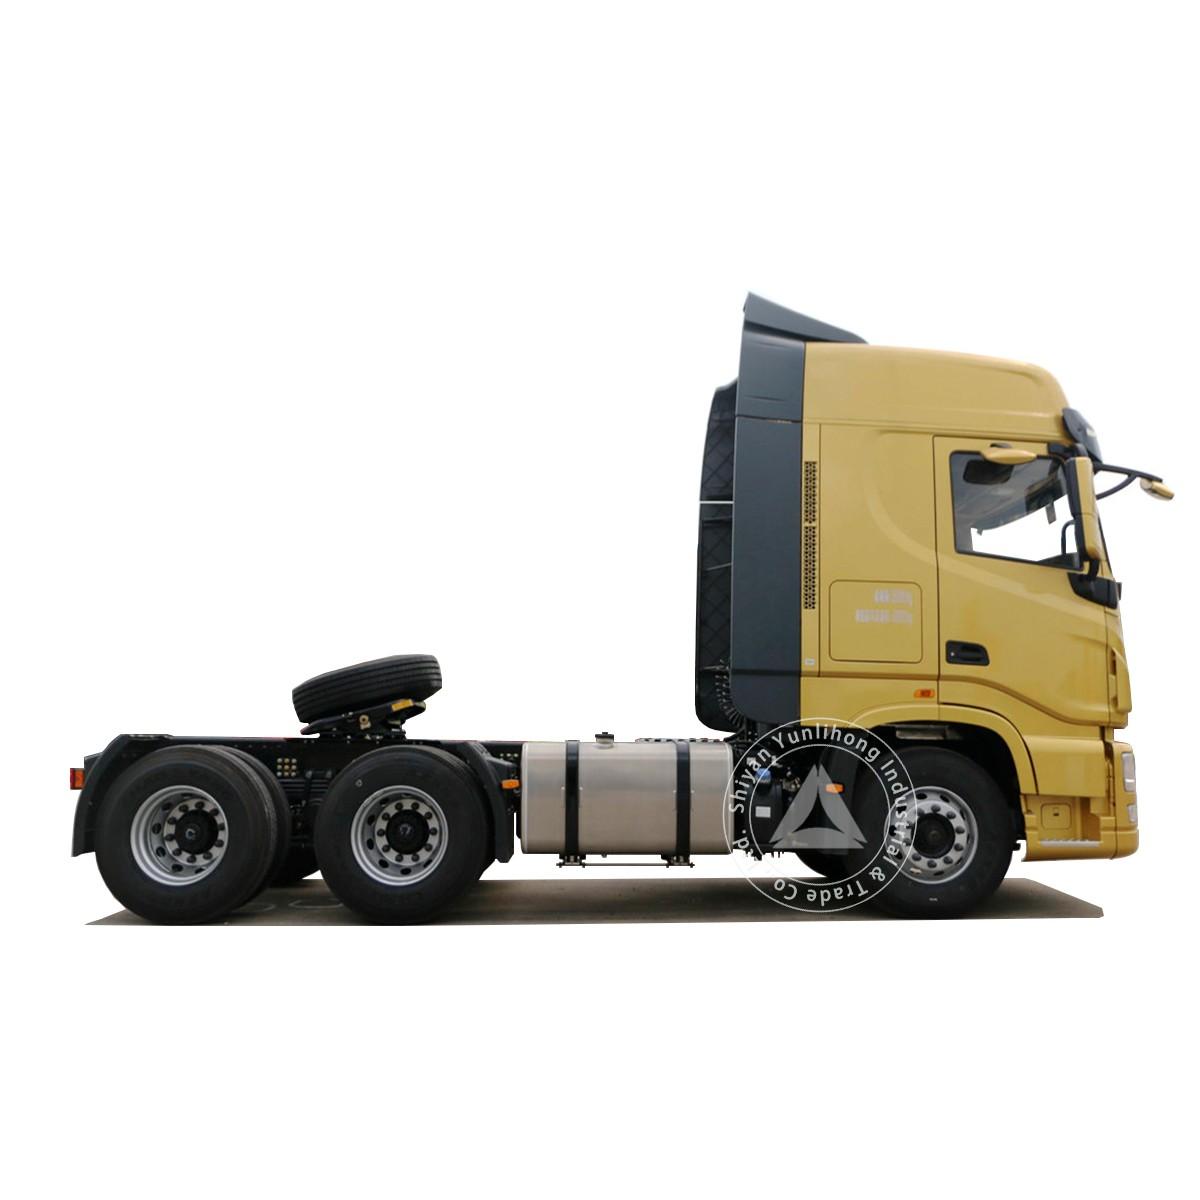 खरीदने के लिए डोंगफेंग KX 450hp 6x4 ट्रैक्टर ट्रक,डोंगफेंग KX 450hp 6x4 ट्रैक्टर ट्रक दाम,डोंगफेंग KX 450hp 6x4 ट्रैक्टर ट्रक ब्रांड,डोंगफेंग KX 450hp 6x4 ट्रैक्टर ट्रक मैन्युफैक्चरर्स,डोंगफेंग KX 450hp 6x4 ट्रैक्टर ट्रक उद्धृत मूल्य,डोंगफेंग KX 450hp 6x4 ट्रैक्टर ट्रक कंपनी,